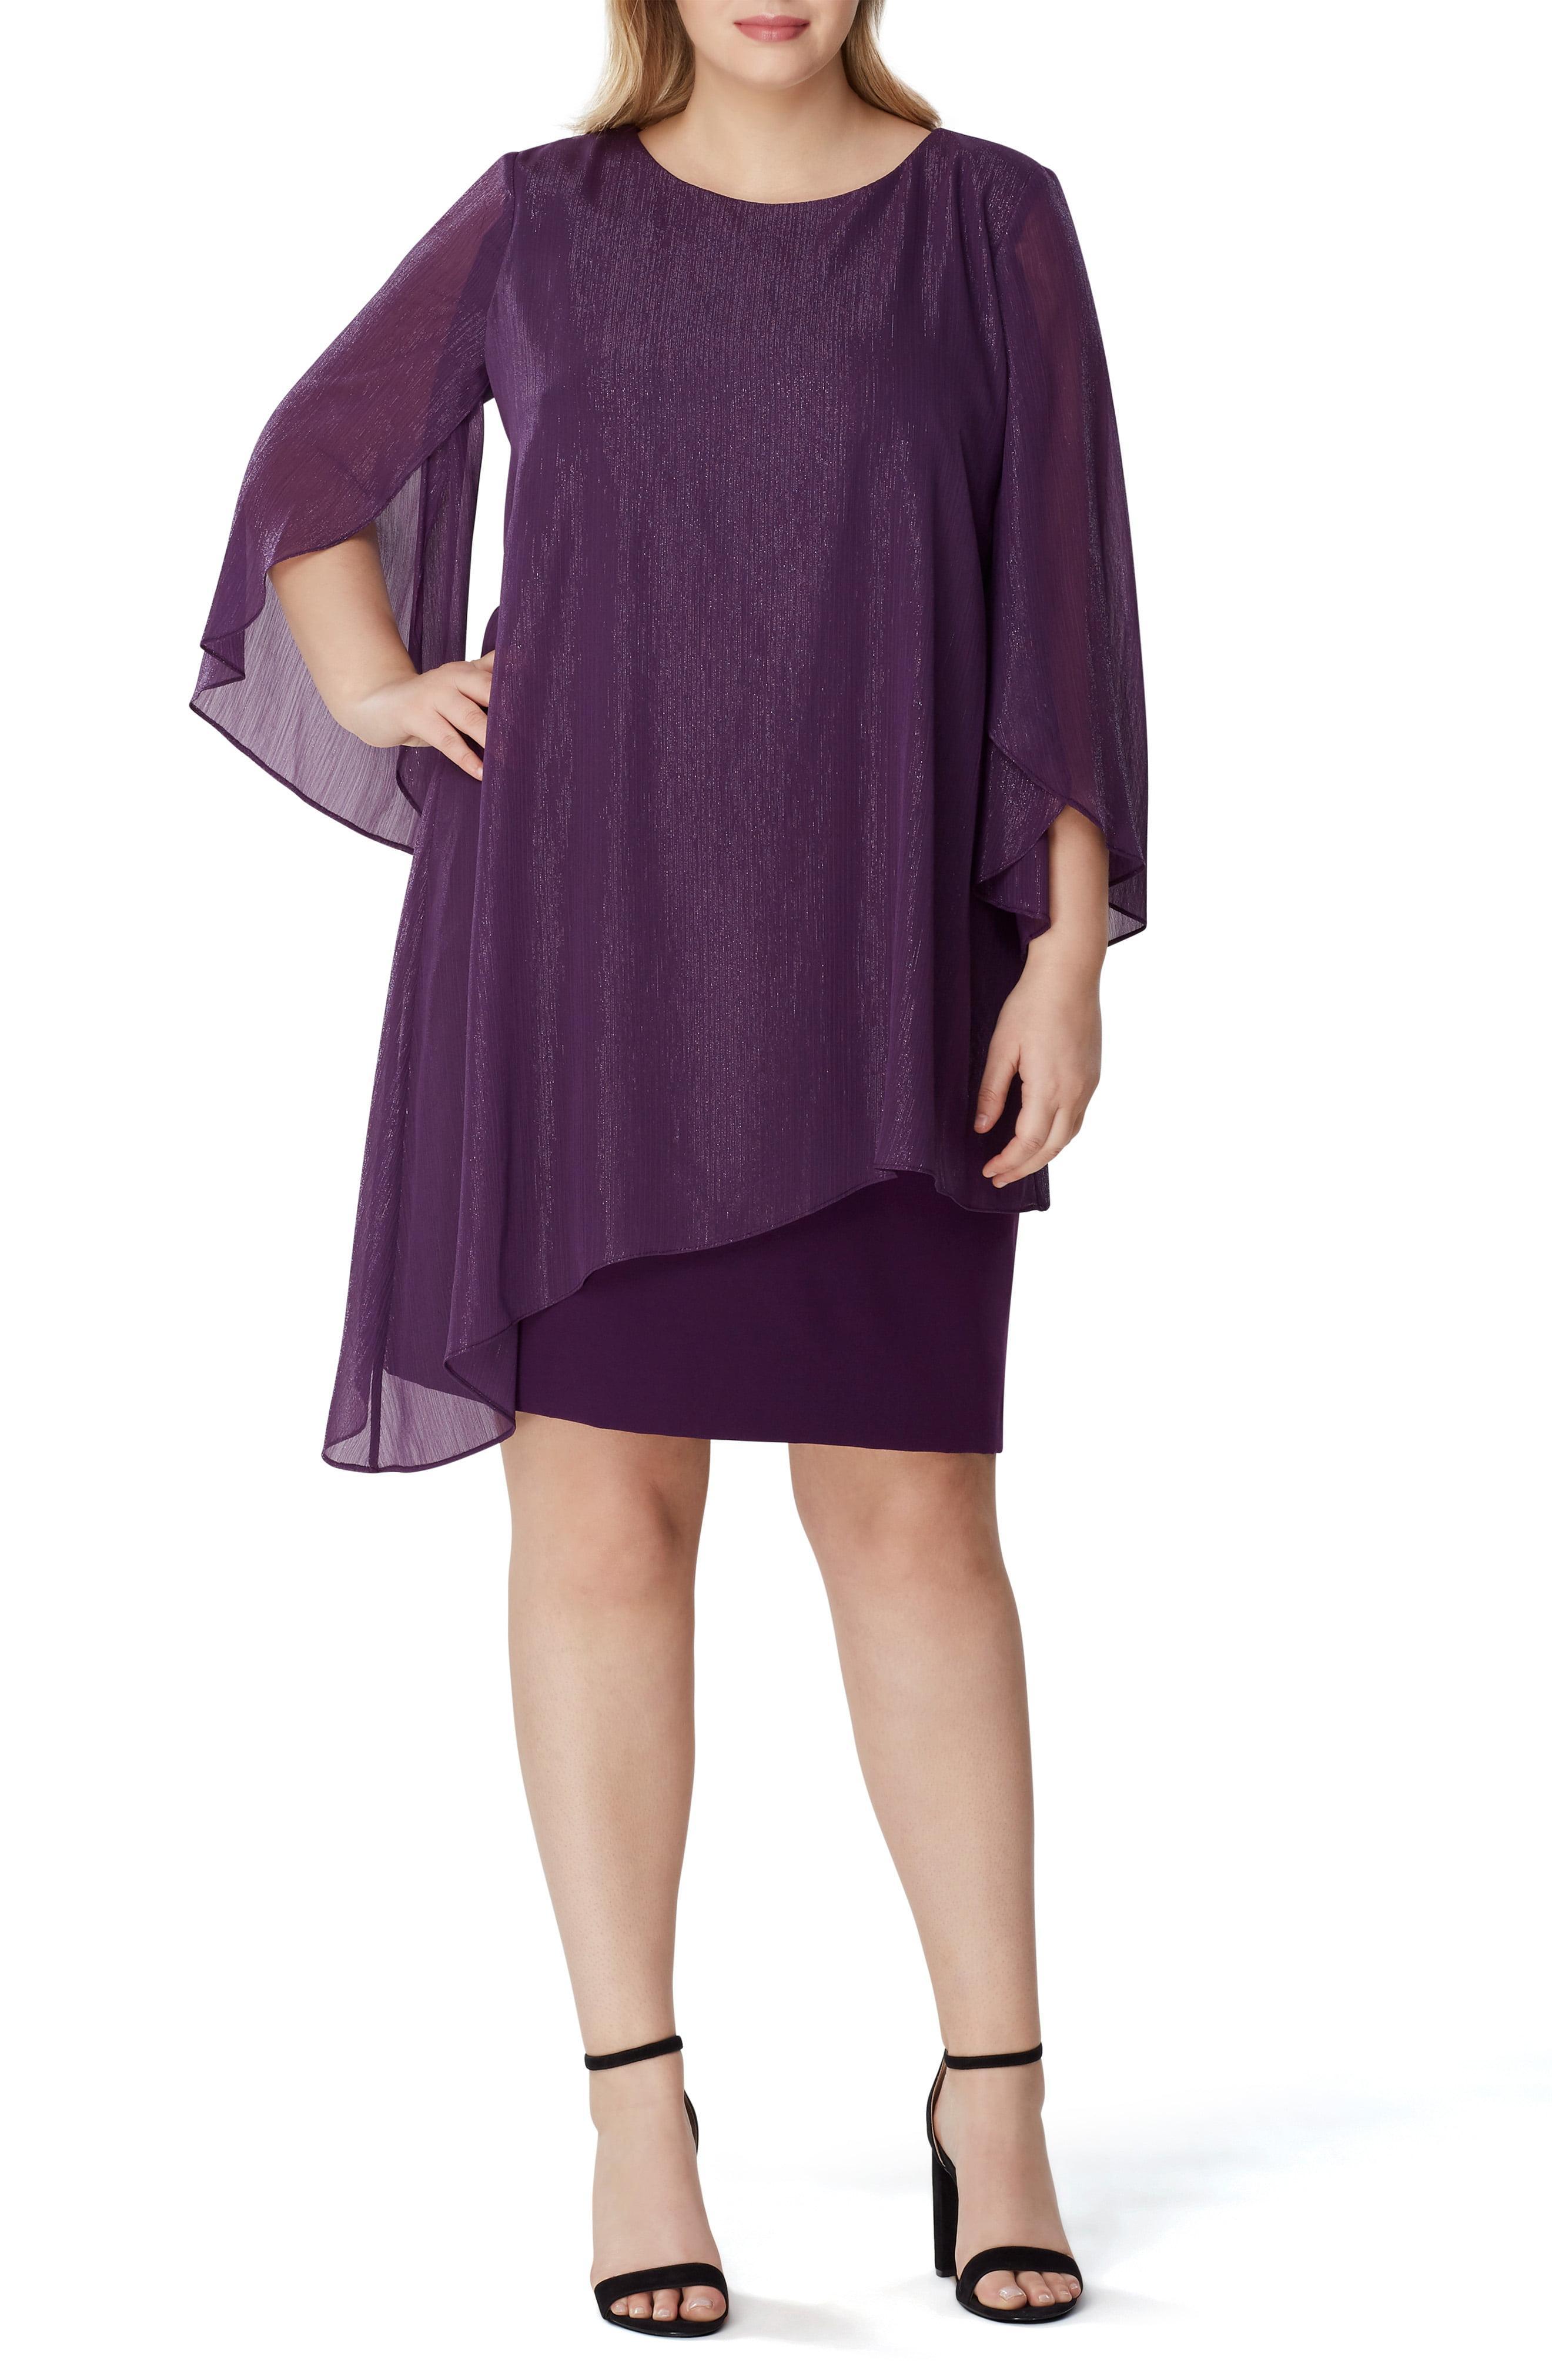 c77c2d1b41 Lyst - Tahari Metallic Chiffon Overlay Sheath Dress in Purple